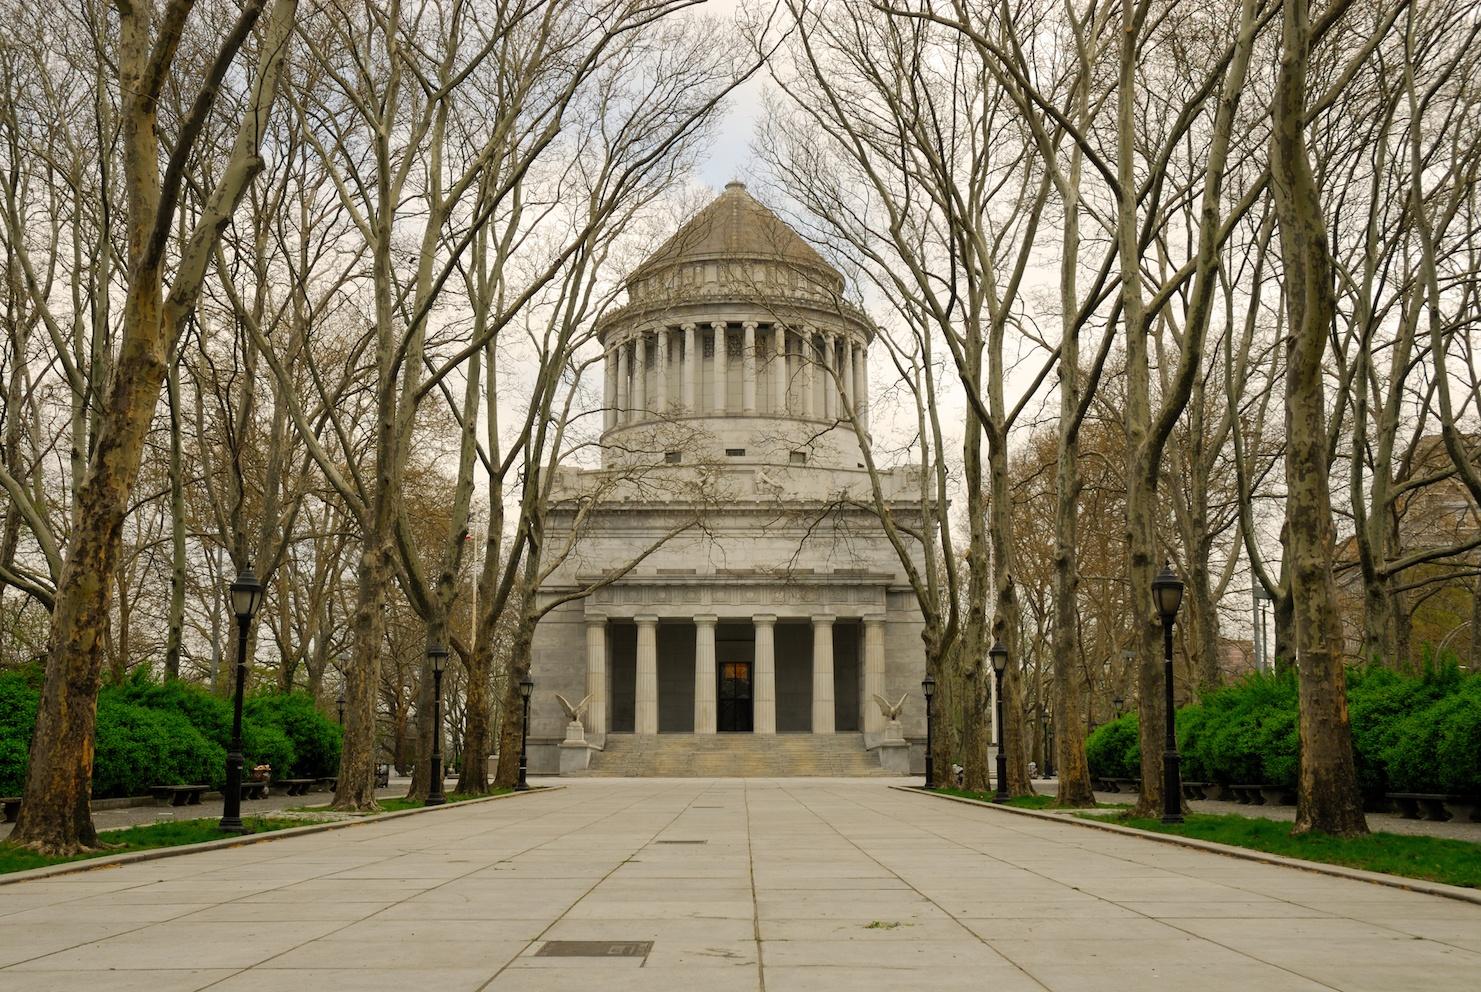 Grant's Tomb